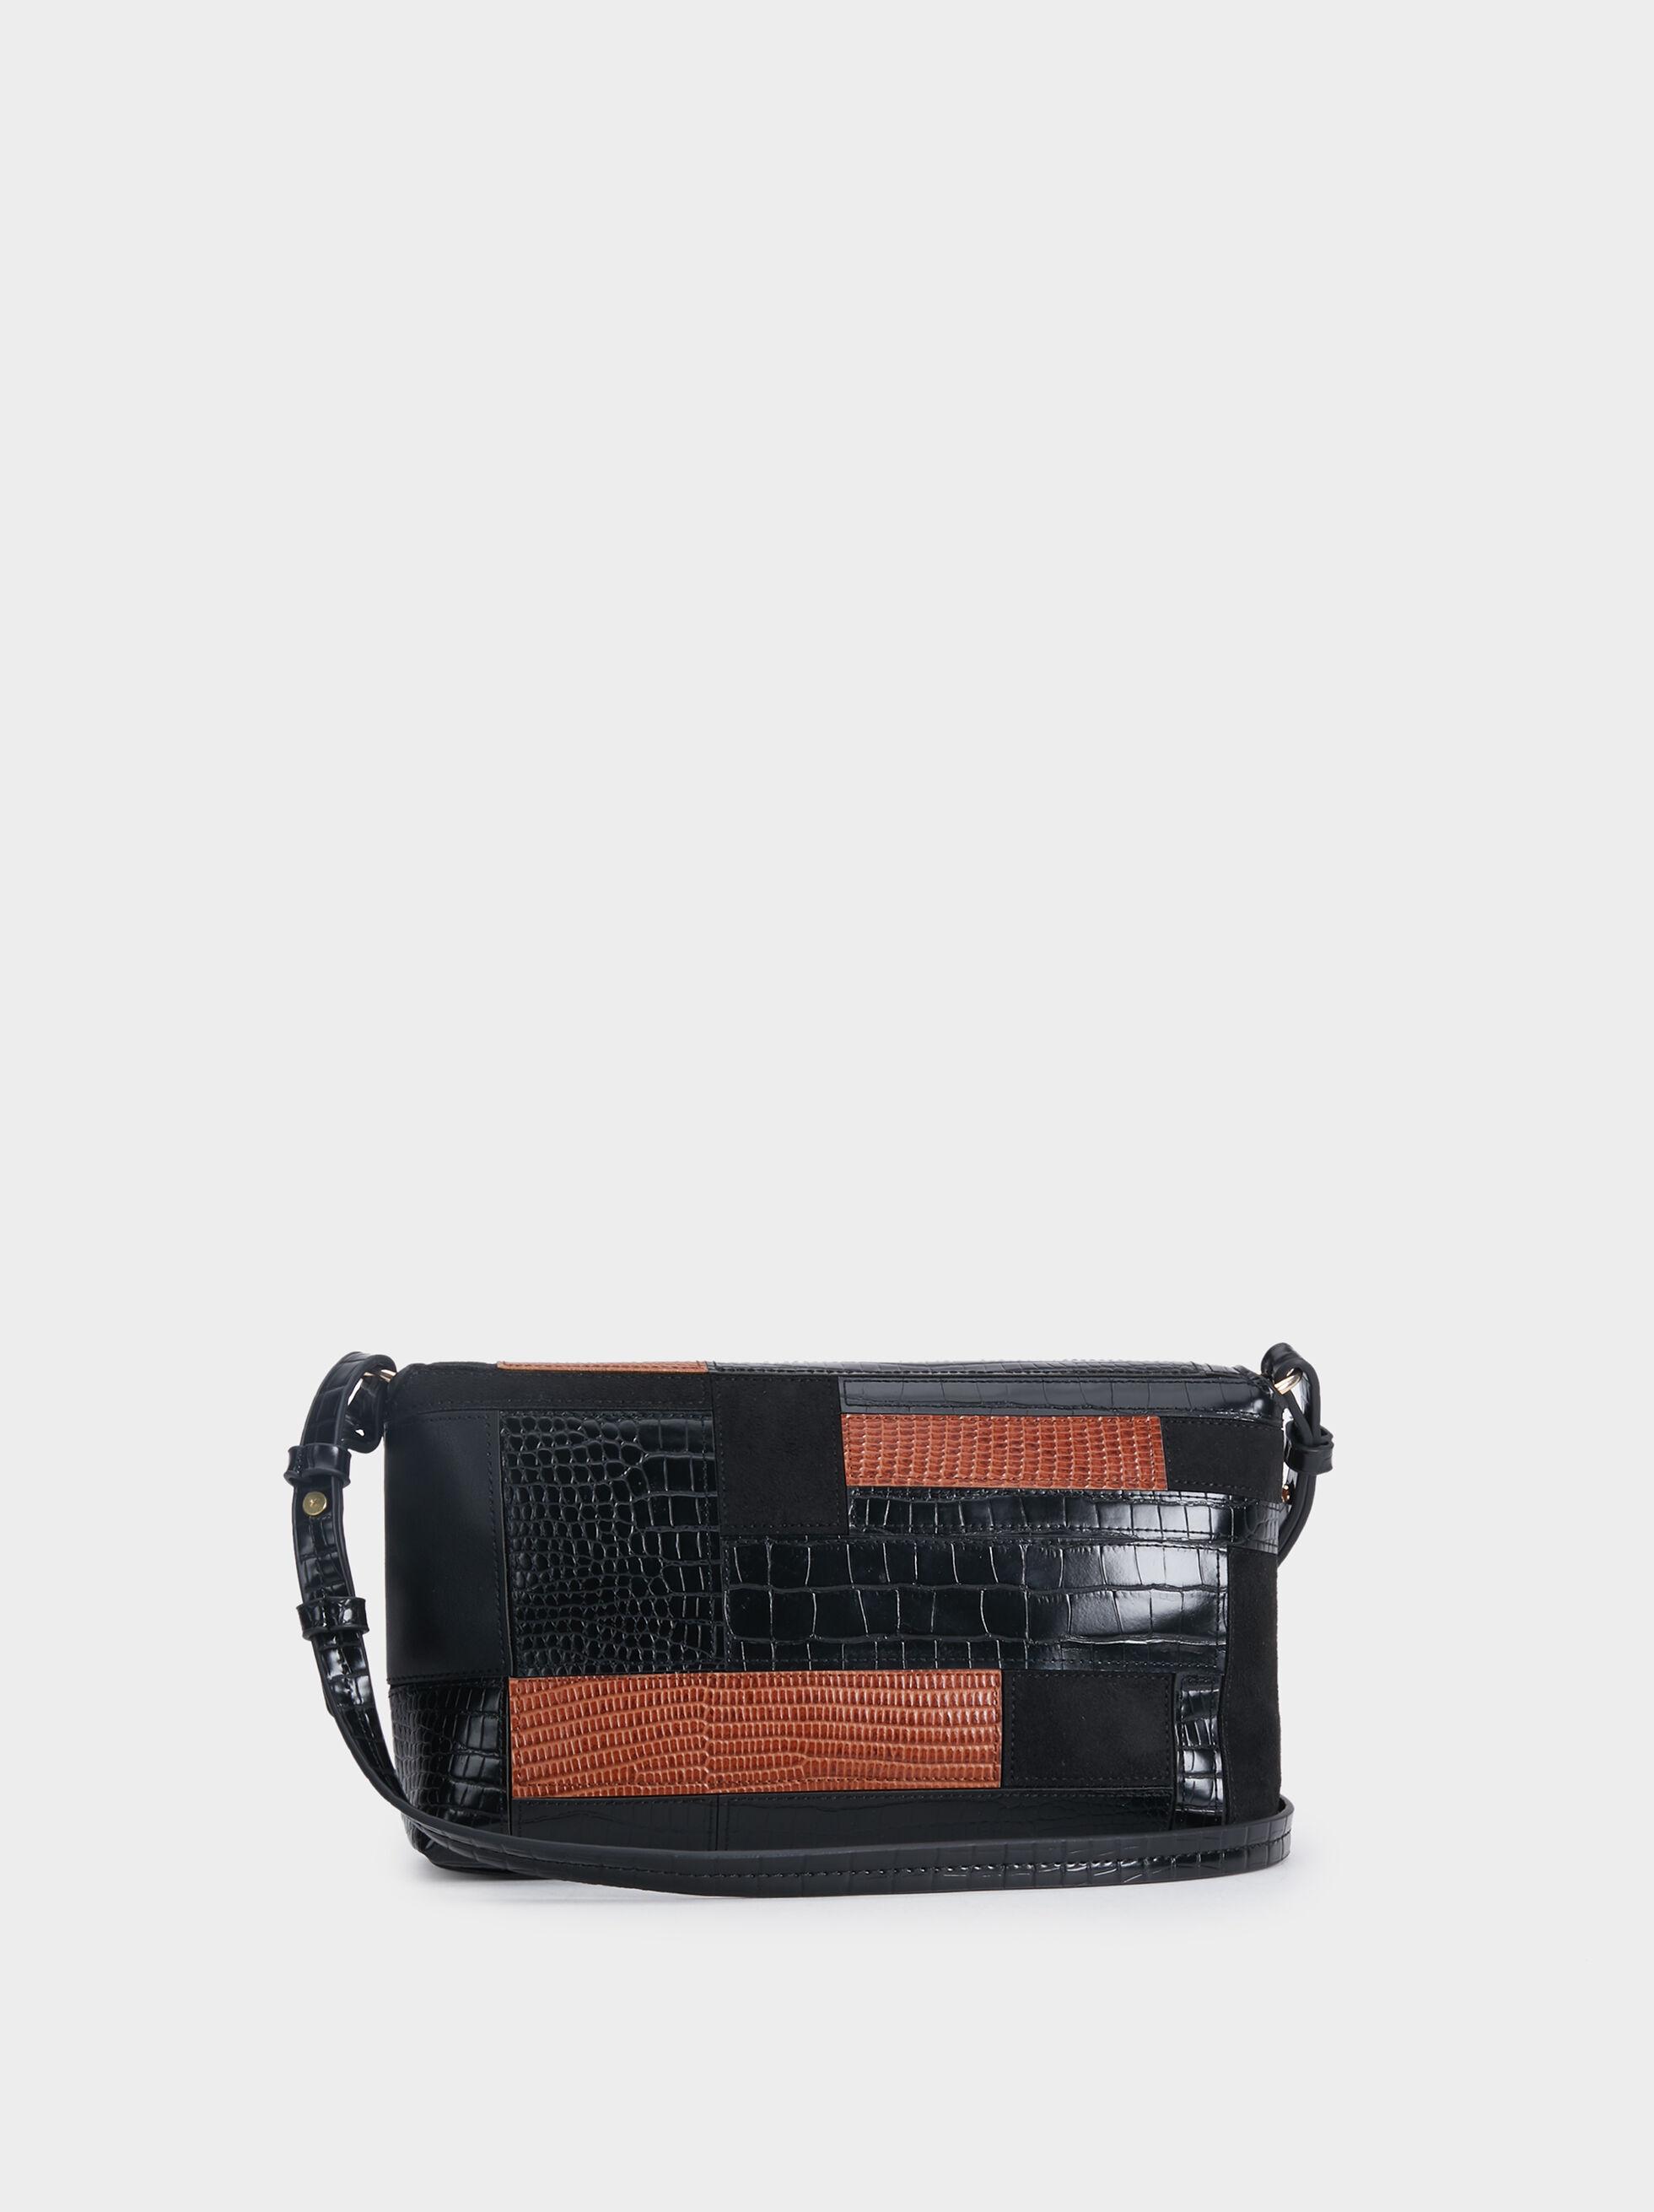 Patchwork Handbag, Black, hi-res